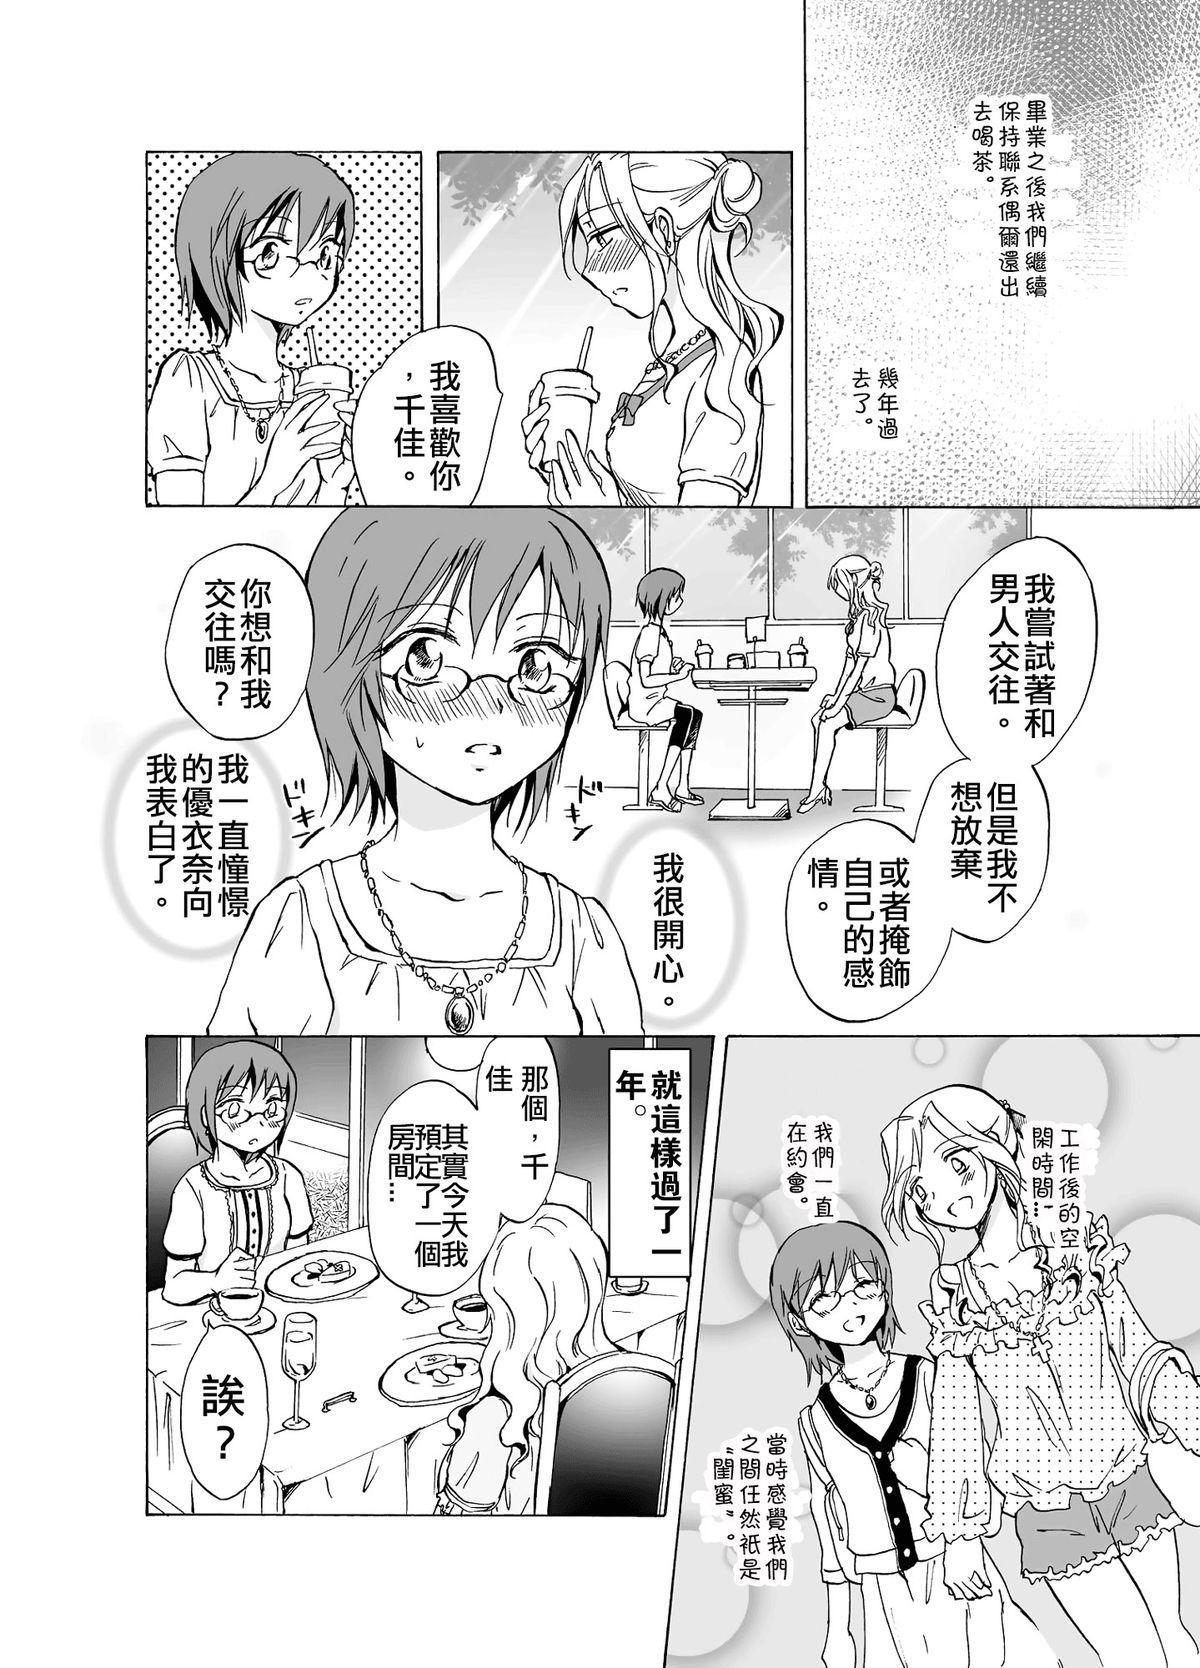 Aisaresugite Komaru no | 為愛所困 13